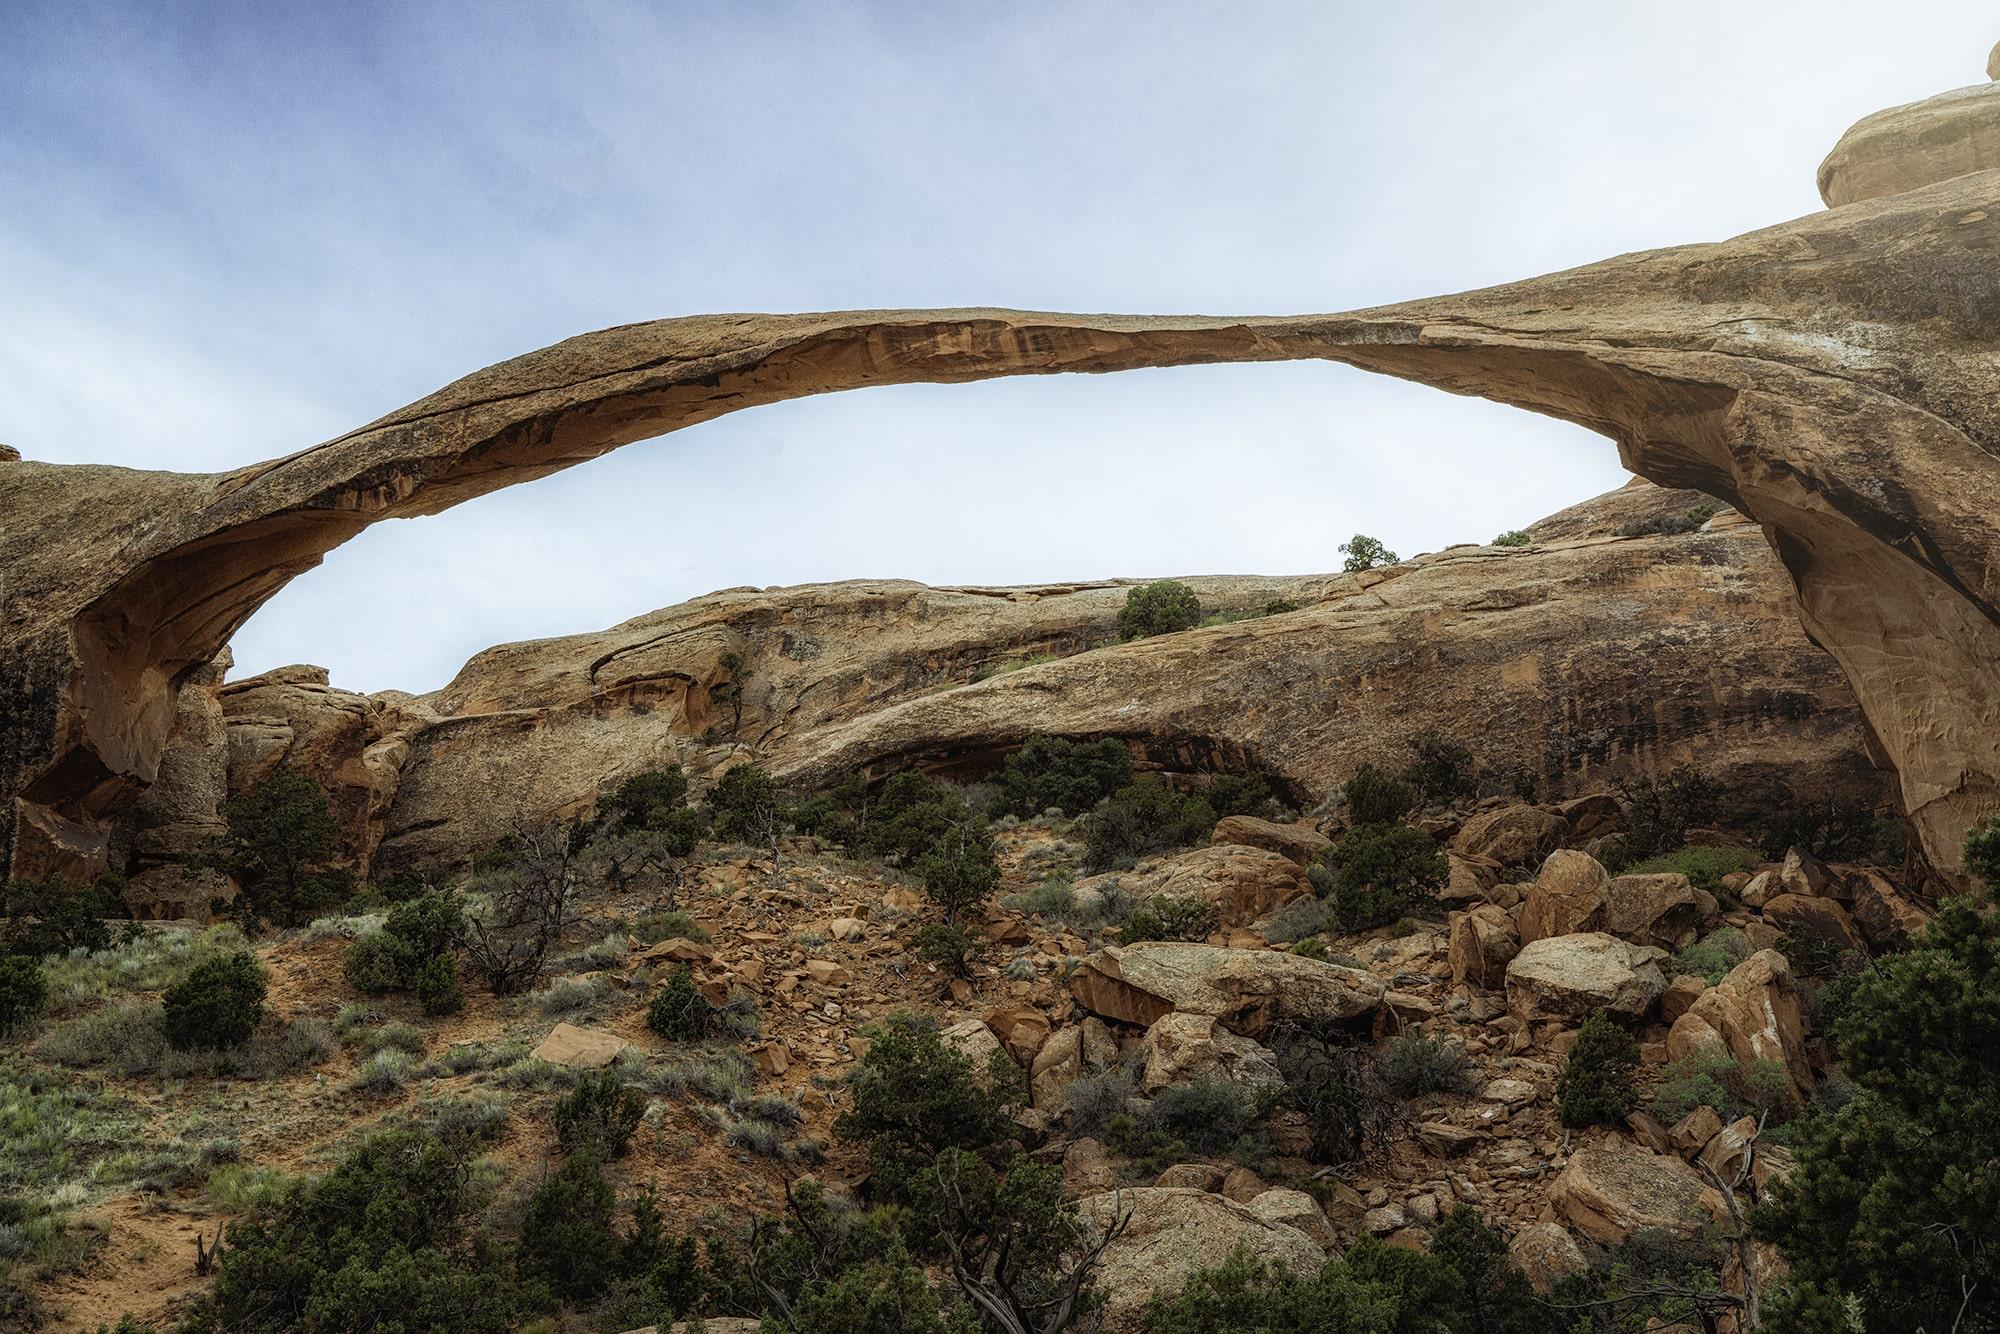 Full rock arch in the desert